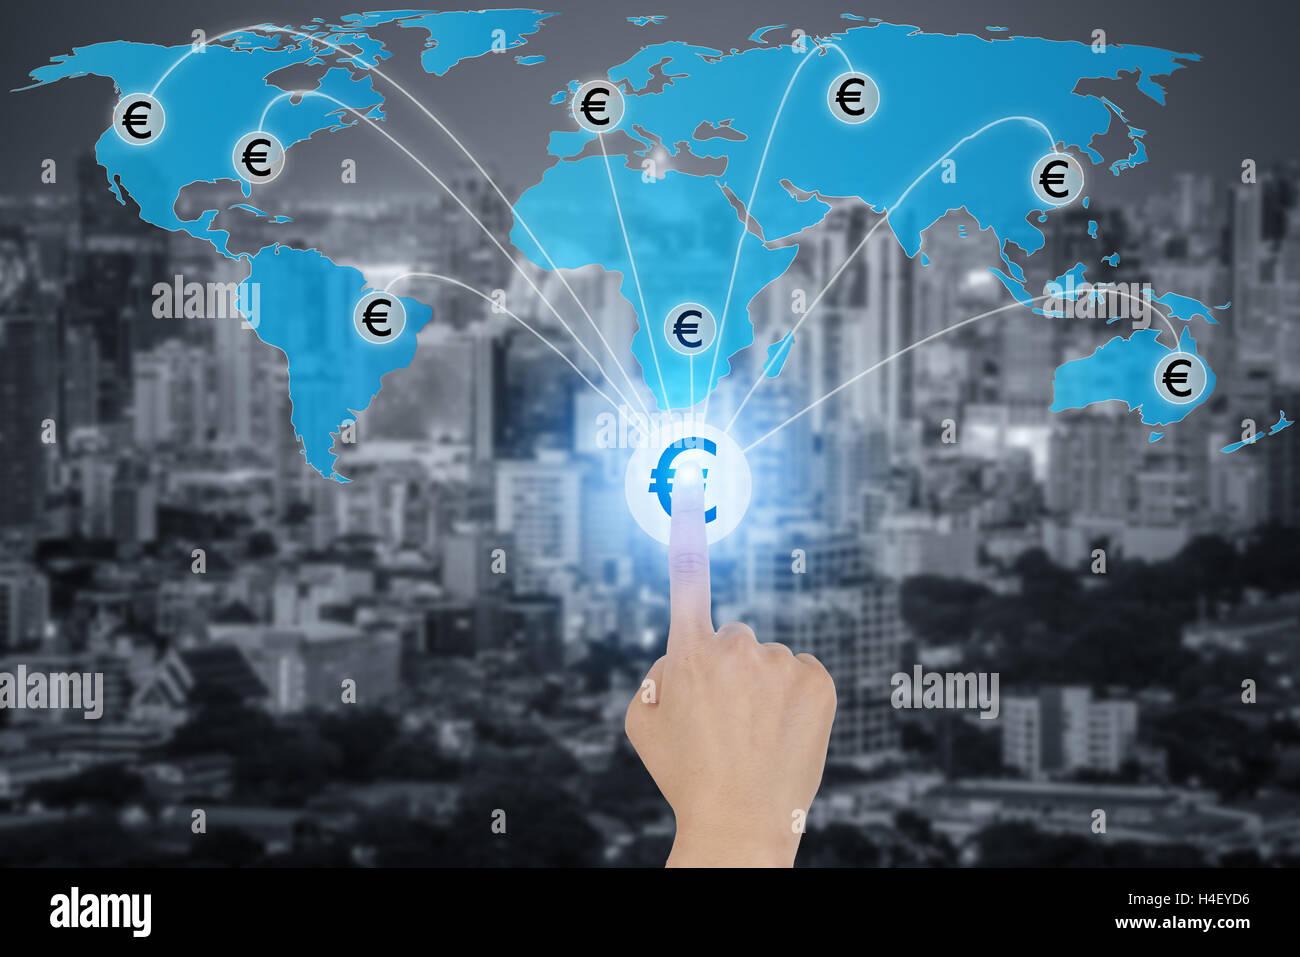 Toccare il pulsante con valuta Euro simboli collegati in rete, concetto circa la finanza globale della rete di connessione. Immagini Stock